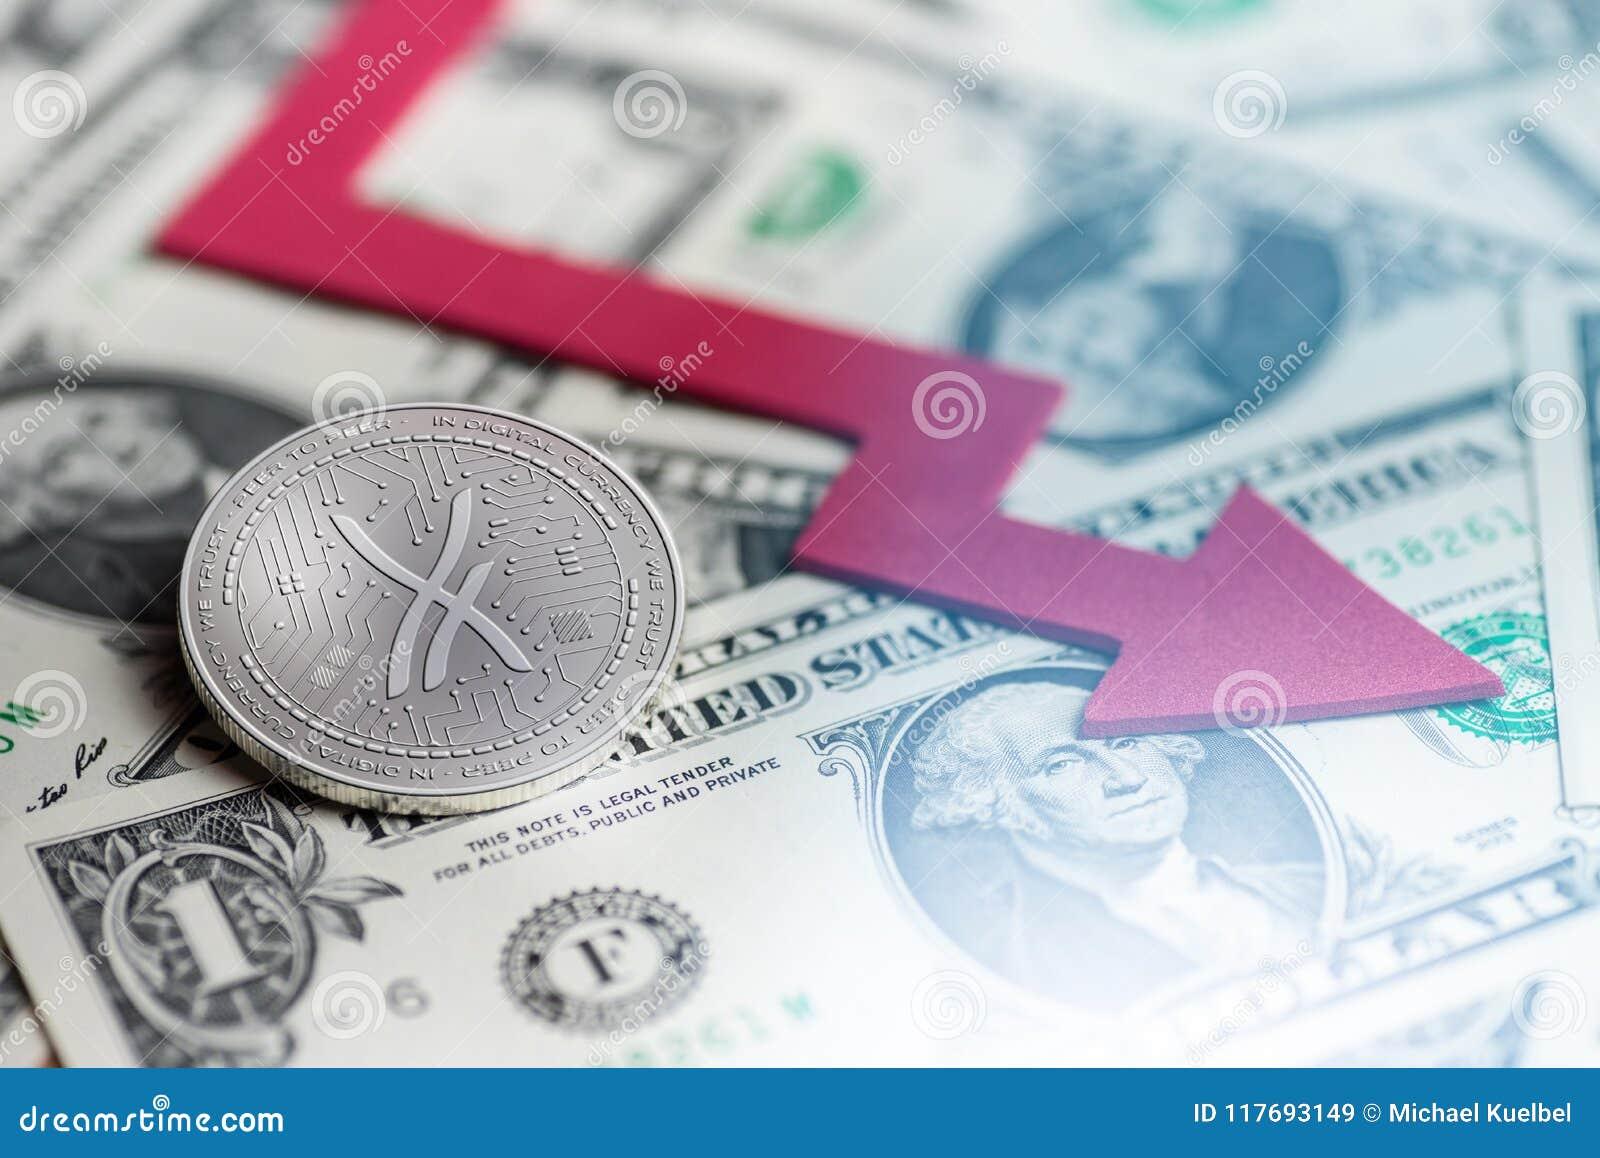 Glanzend zilveren AIRPORN-cryptocurrencymuntstuk met het negatieve dalende verloren het tekort van de grafiekneerstorting baisse